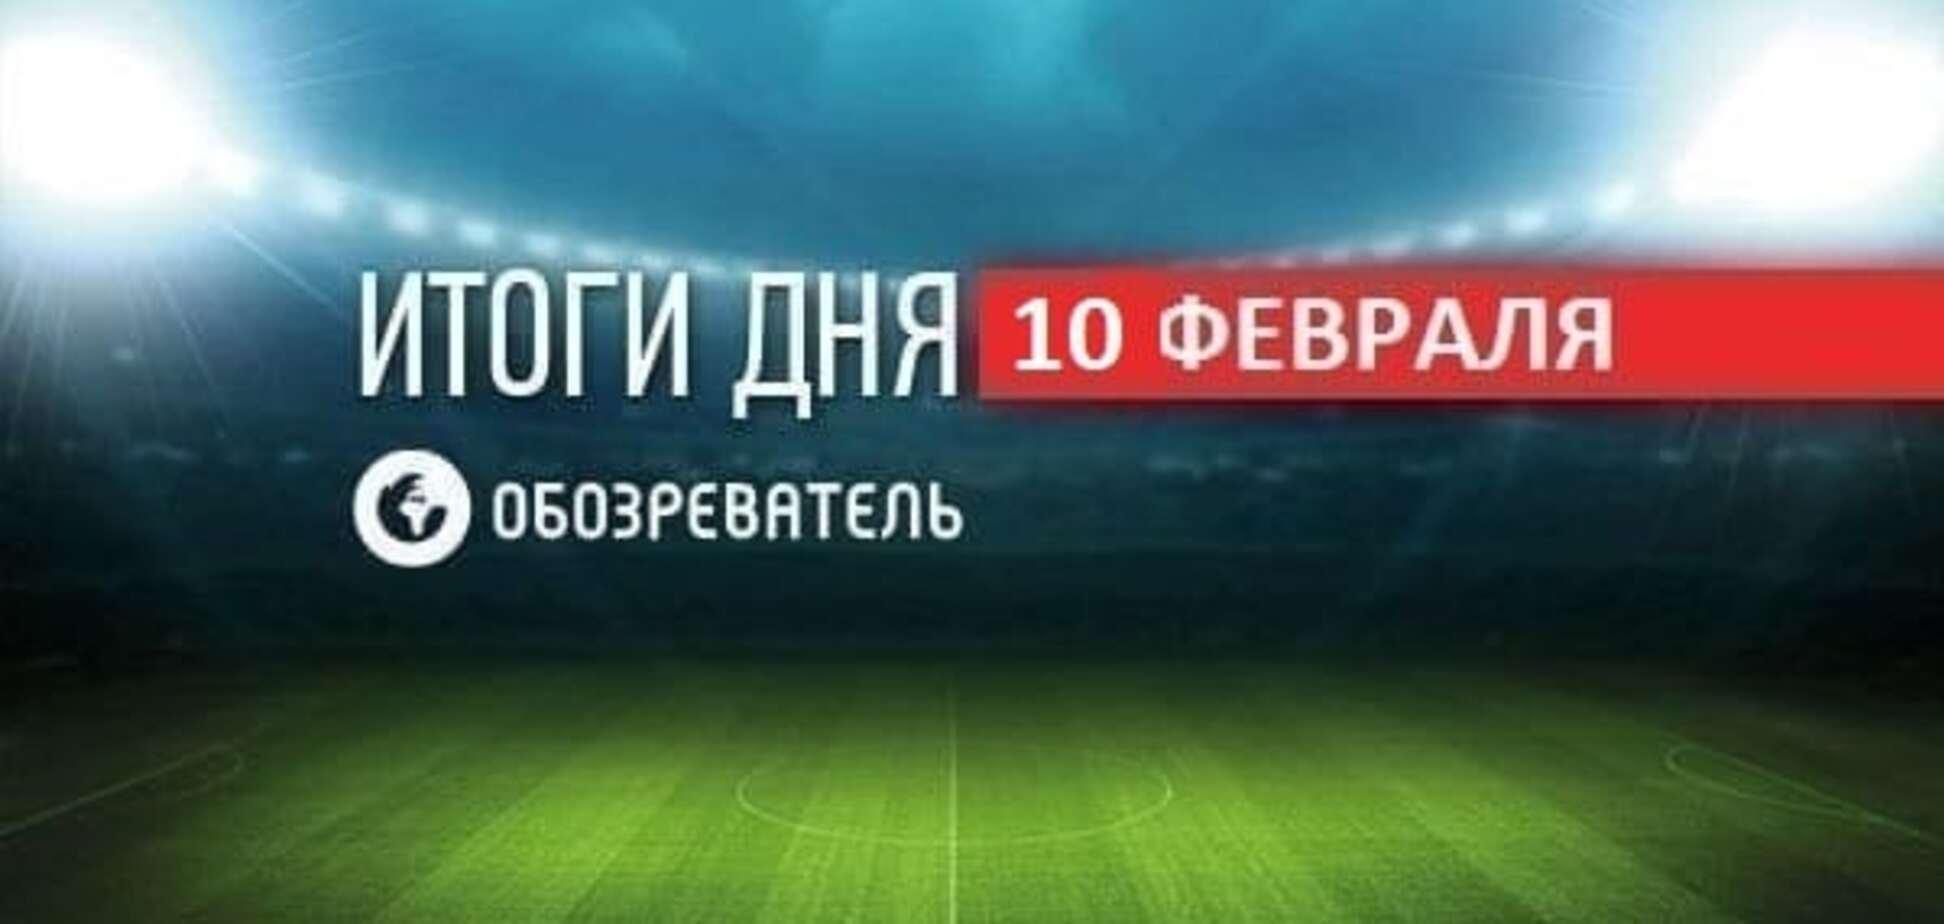 Ребров виступив проти агресії Росії. Спортивні підсумки за 10 лютого